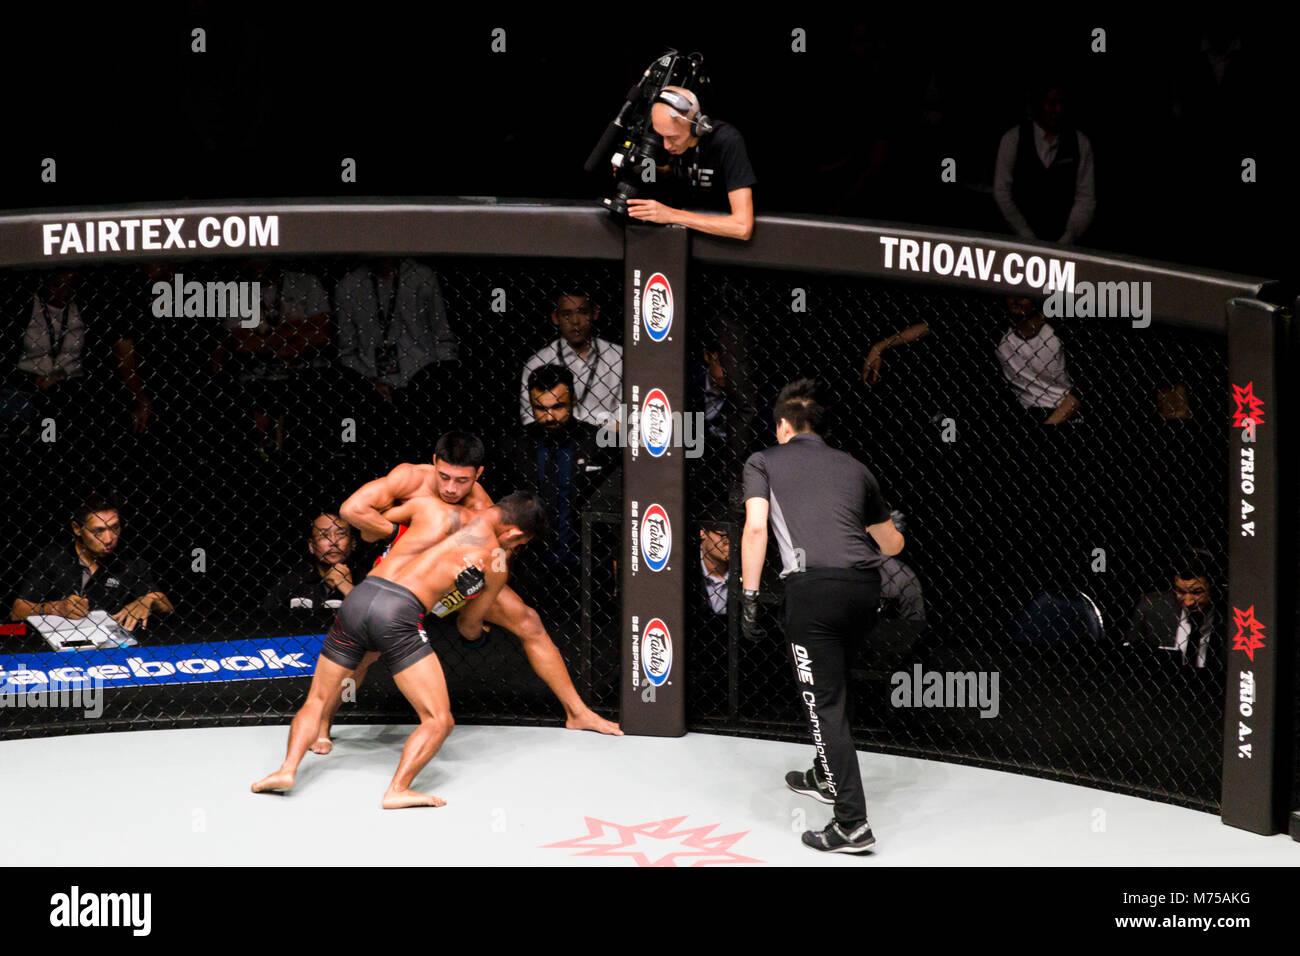 Bangkok, Thaïlande. - Le 17 janvier 2018: boxeurs non identifiés se battent dans la cage ring sport extrême en arts martiaux mixtes (MMA) correspondent à 1 Banque D'Images